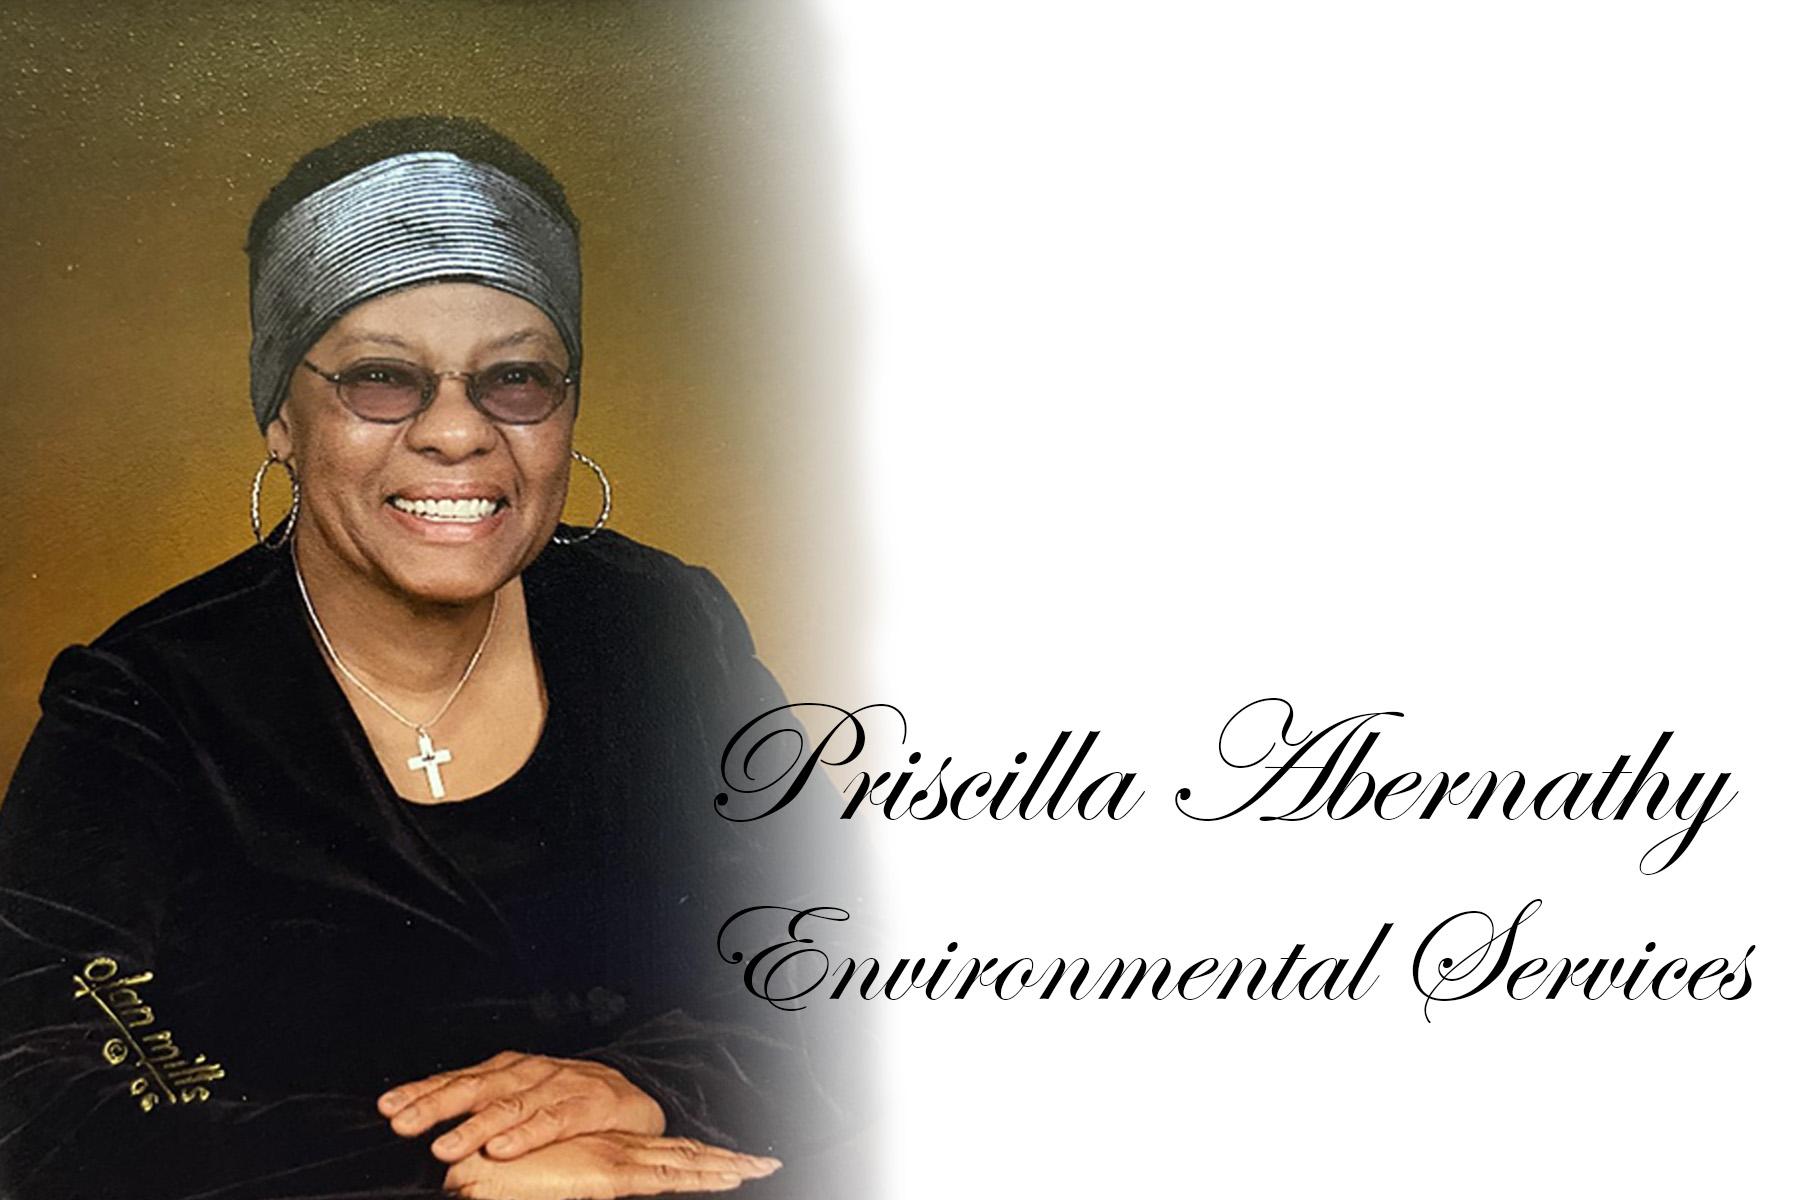 Priscilla abernathy picture